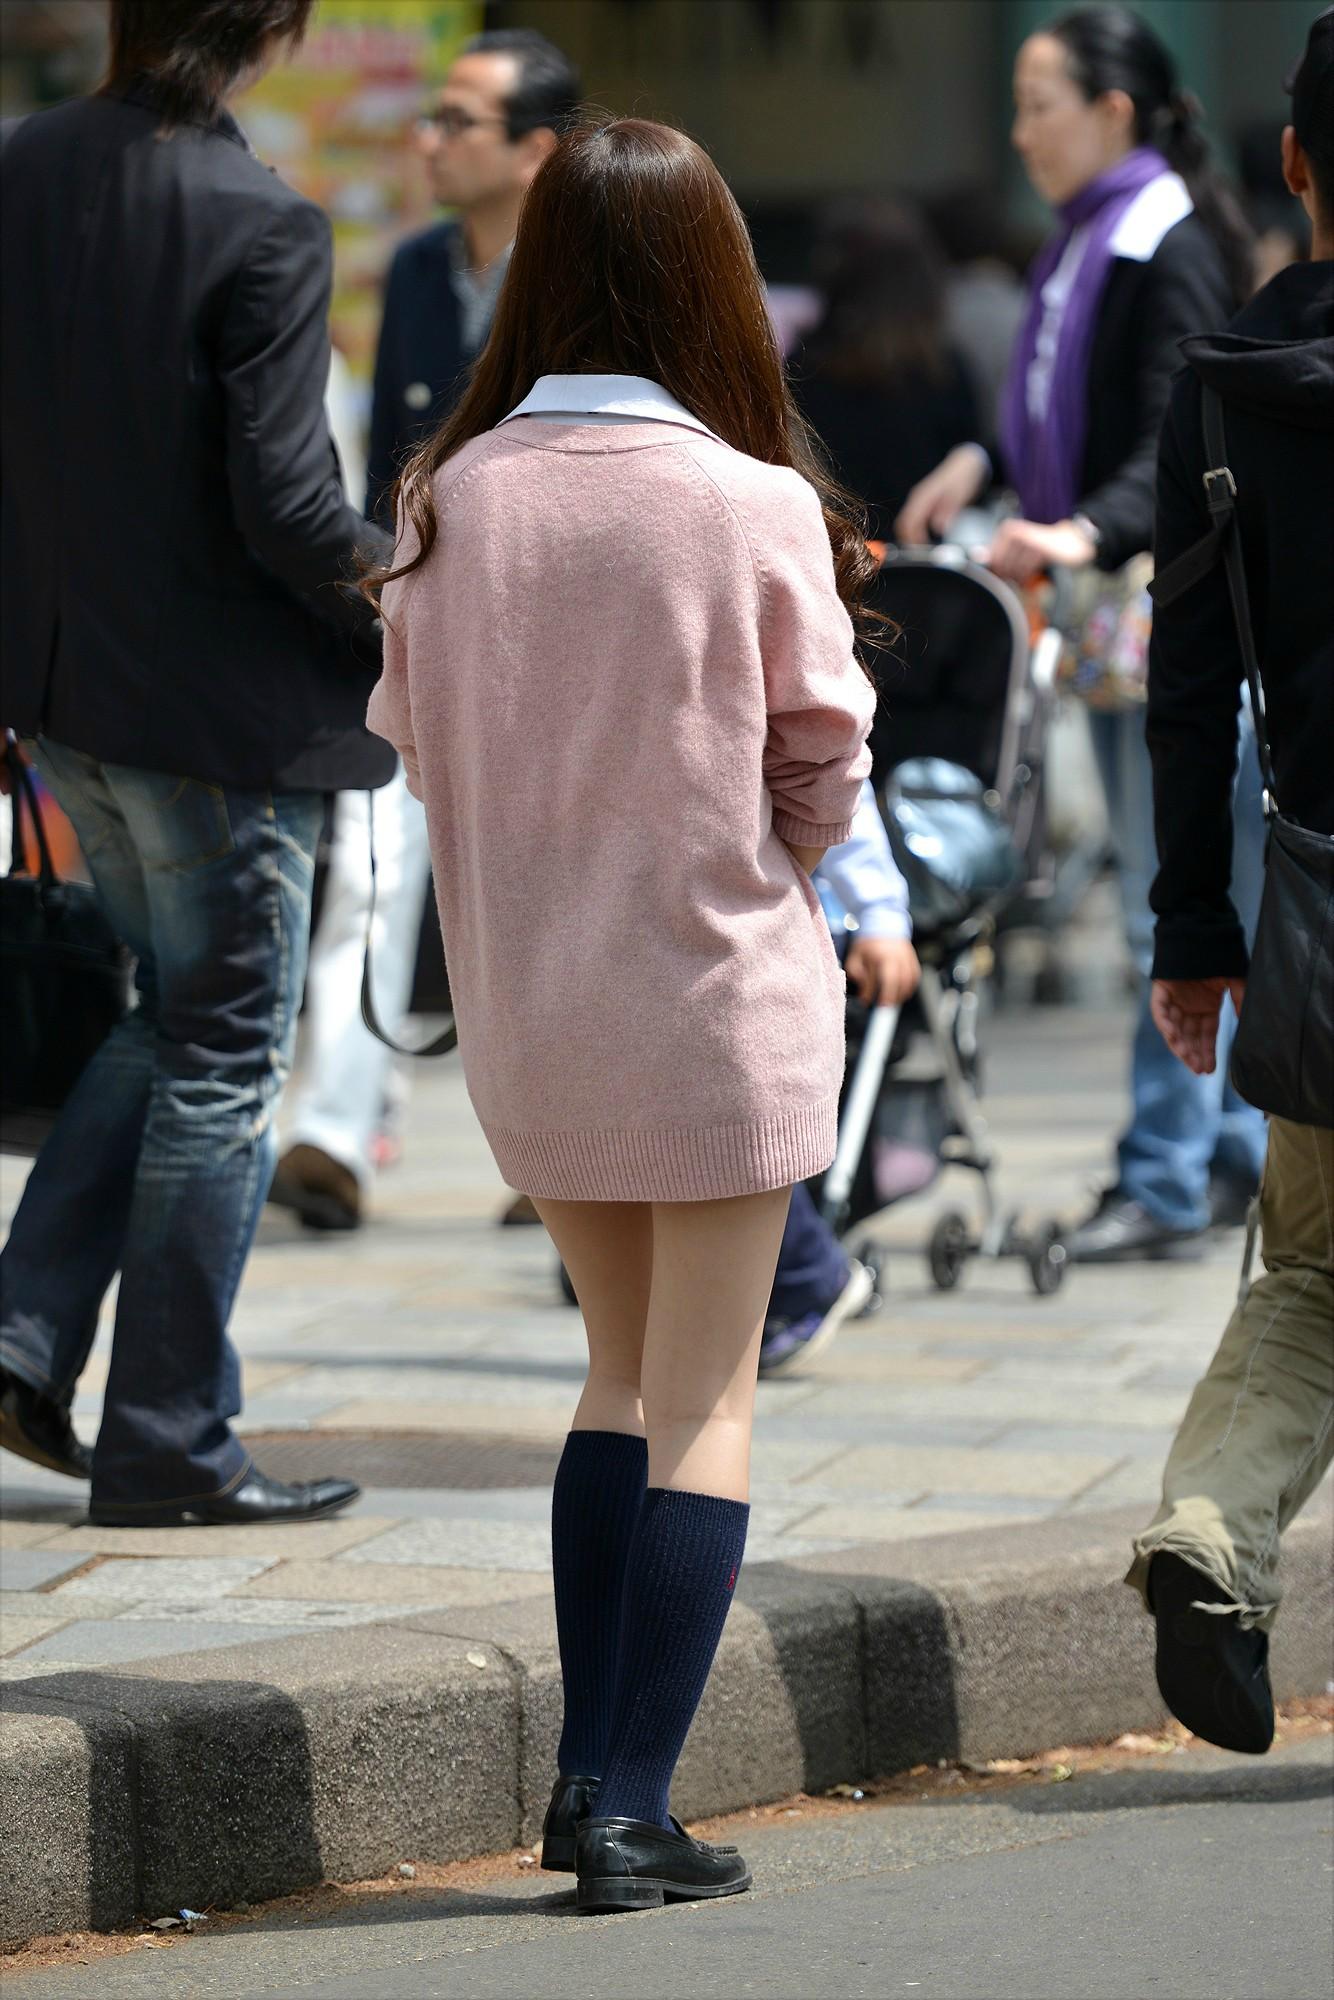 ピンクカーディガン着たJKの美脚が堪らん!